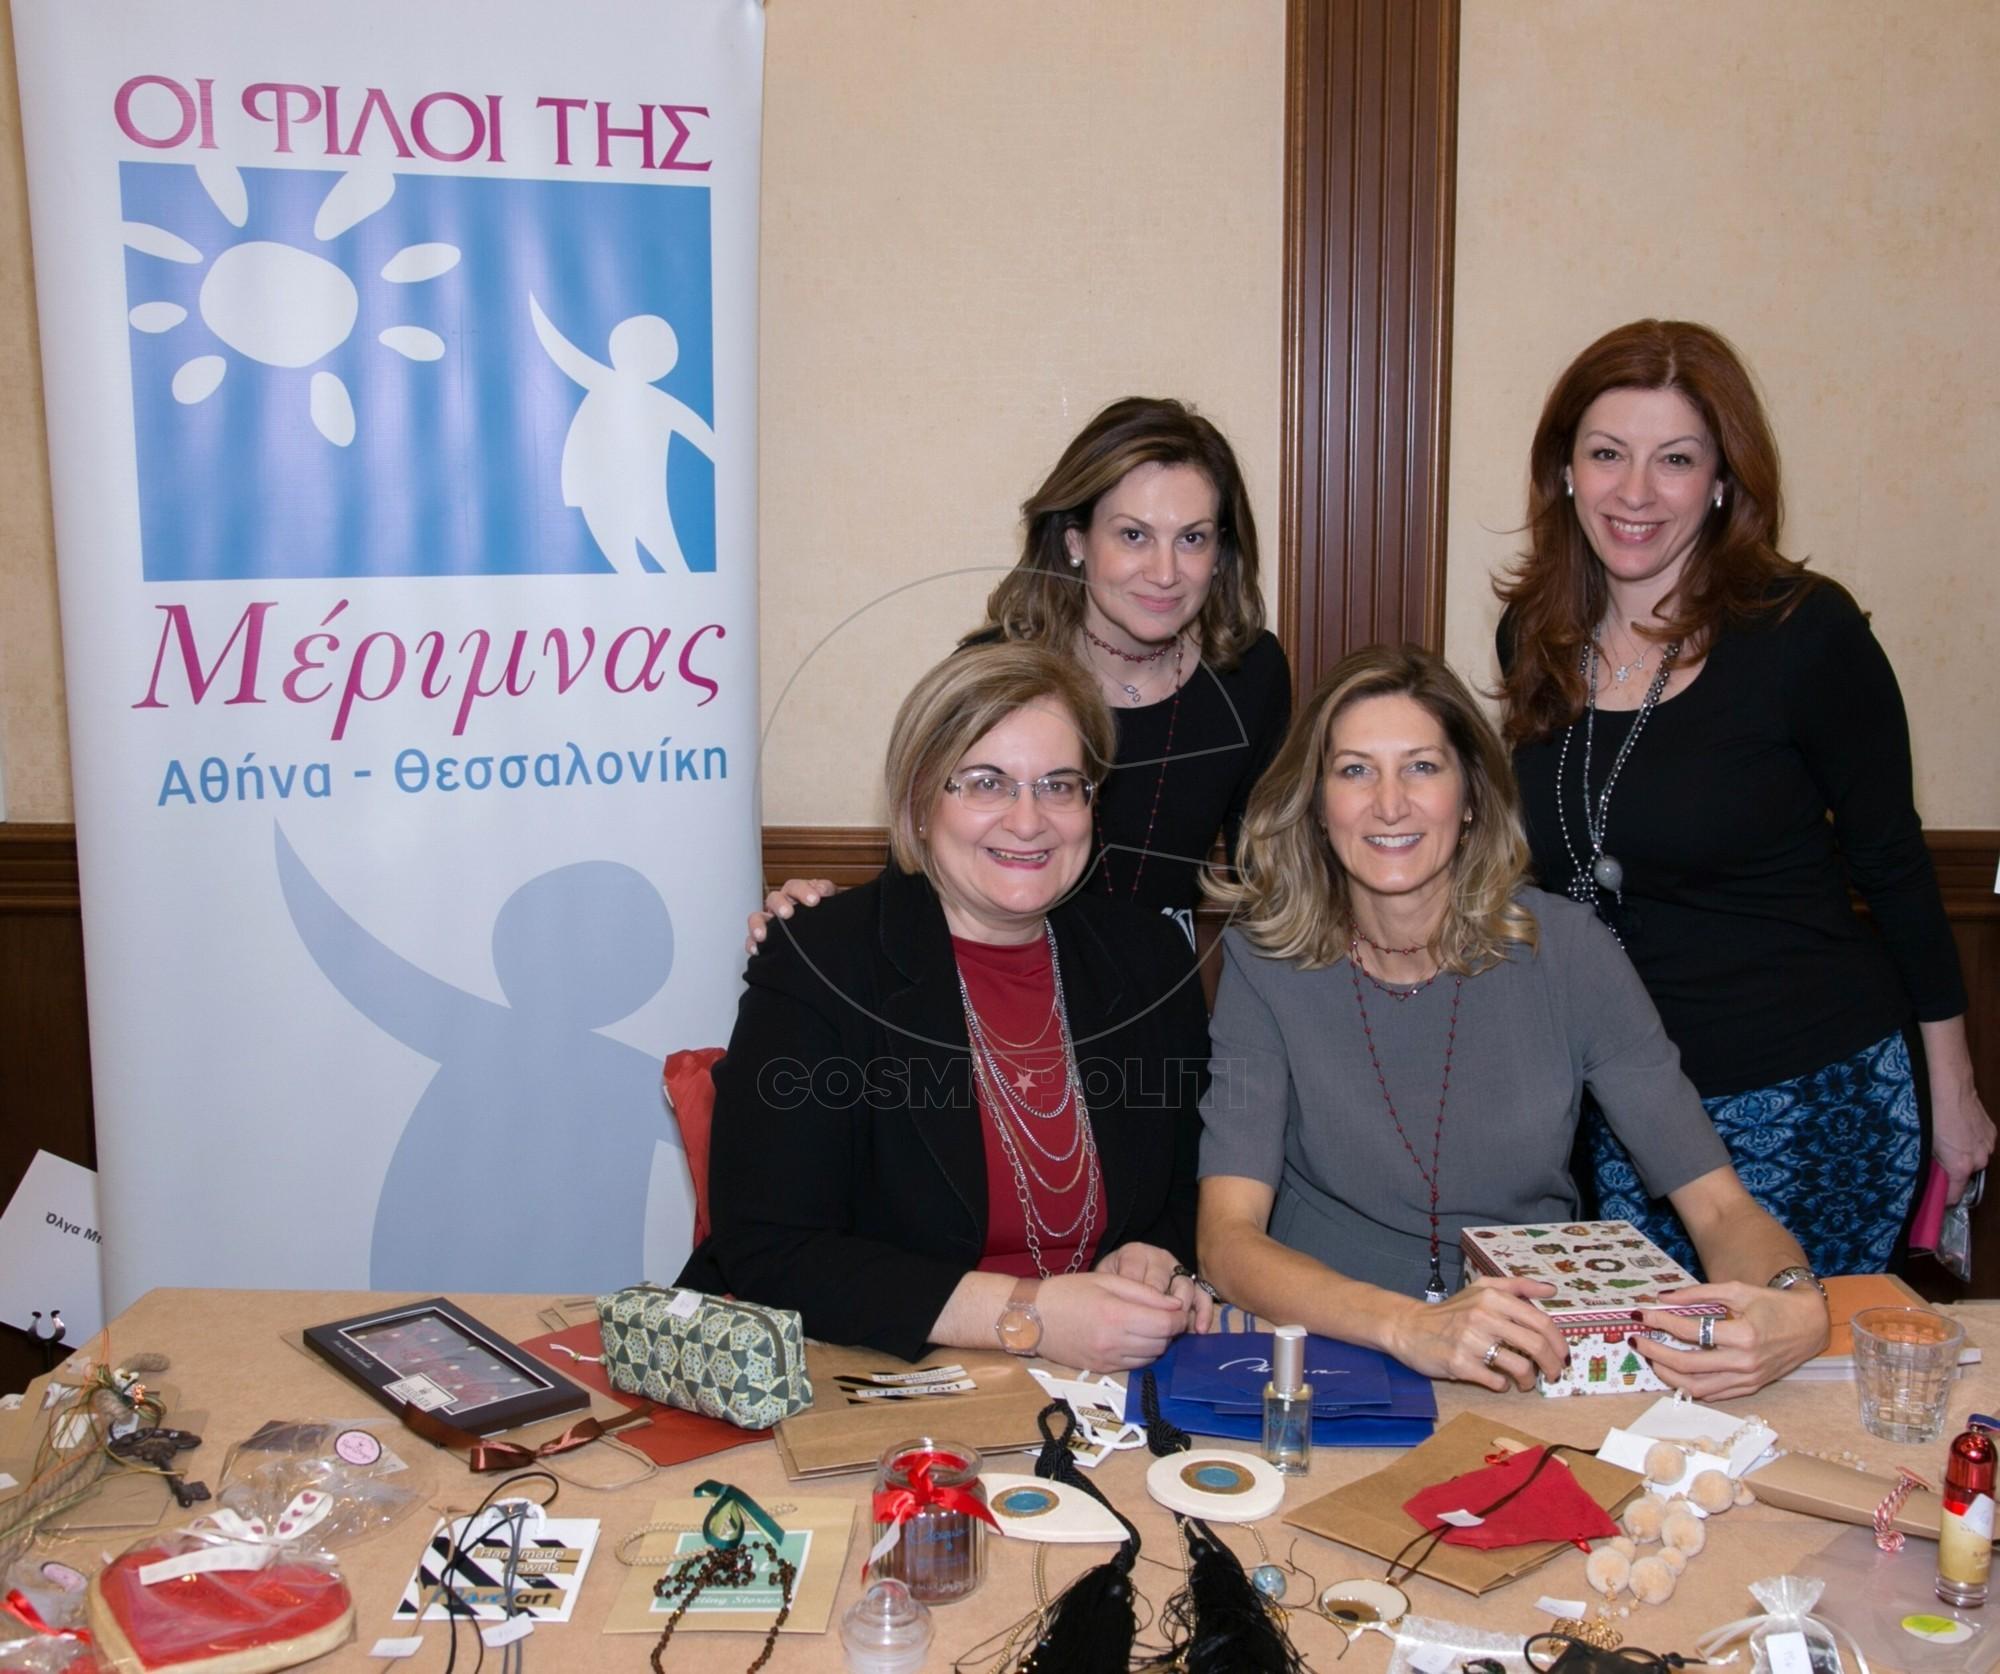 1 Οι κυρίες των Φίλων της Μέριμνας Θεσ-νίκης Θεοδώρα Καφκιά, Πέννυ Γεωργιάδου, Σοφία Ναστούλα, Τζένη Τσελέπη